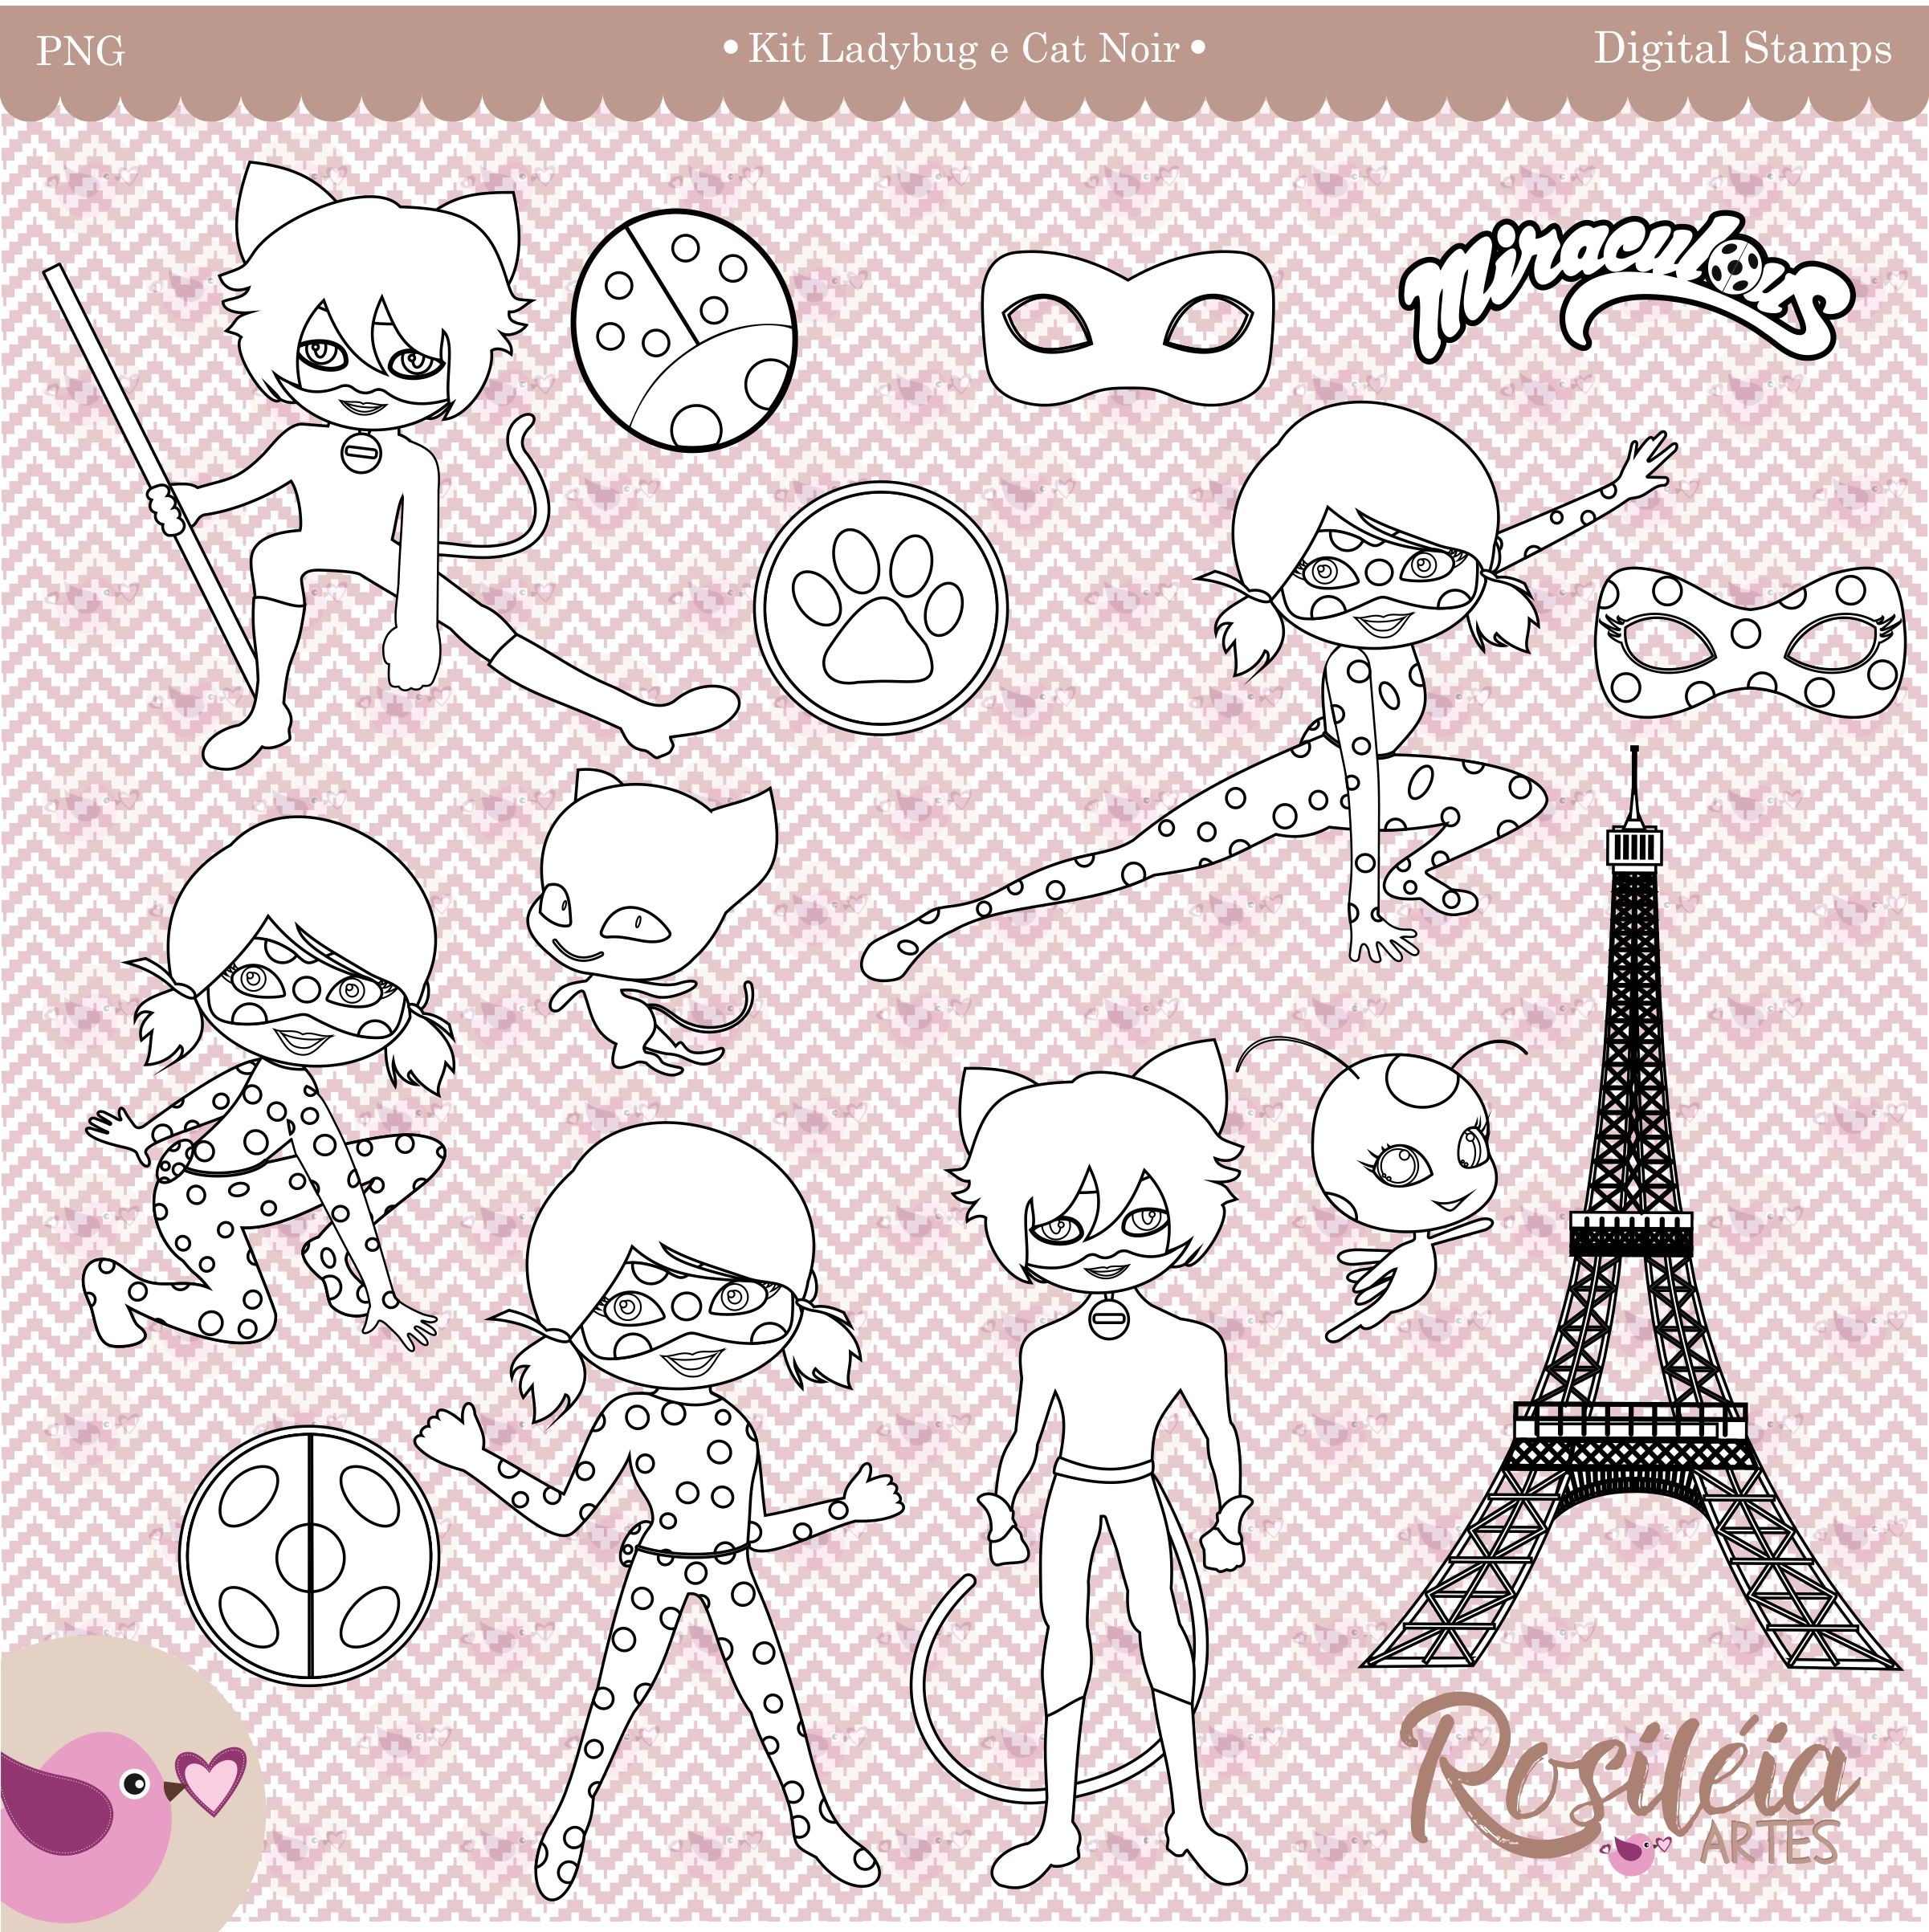 Digital Stamp Ladybug E Cat Noir Colorir No Elo7 Rosileia